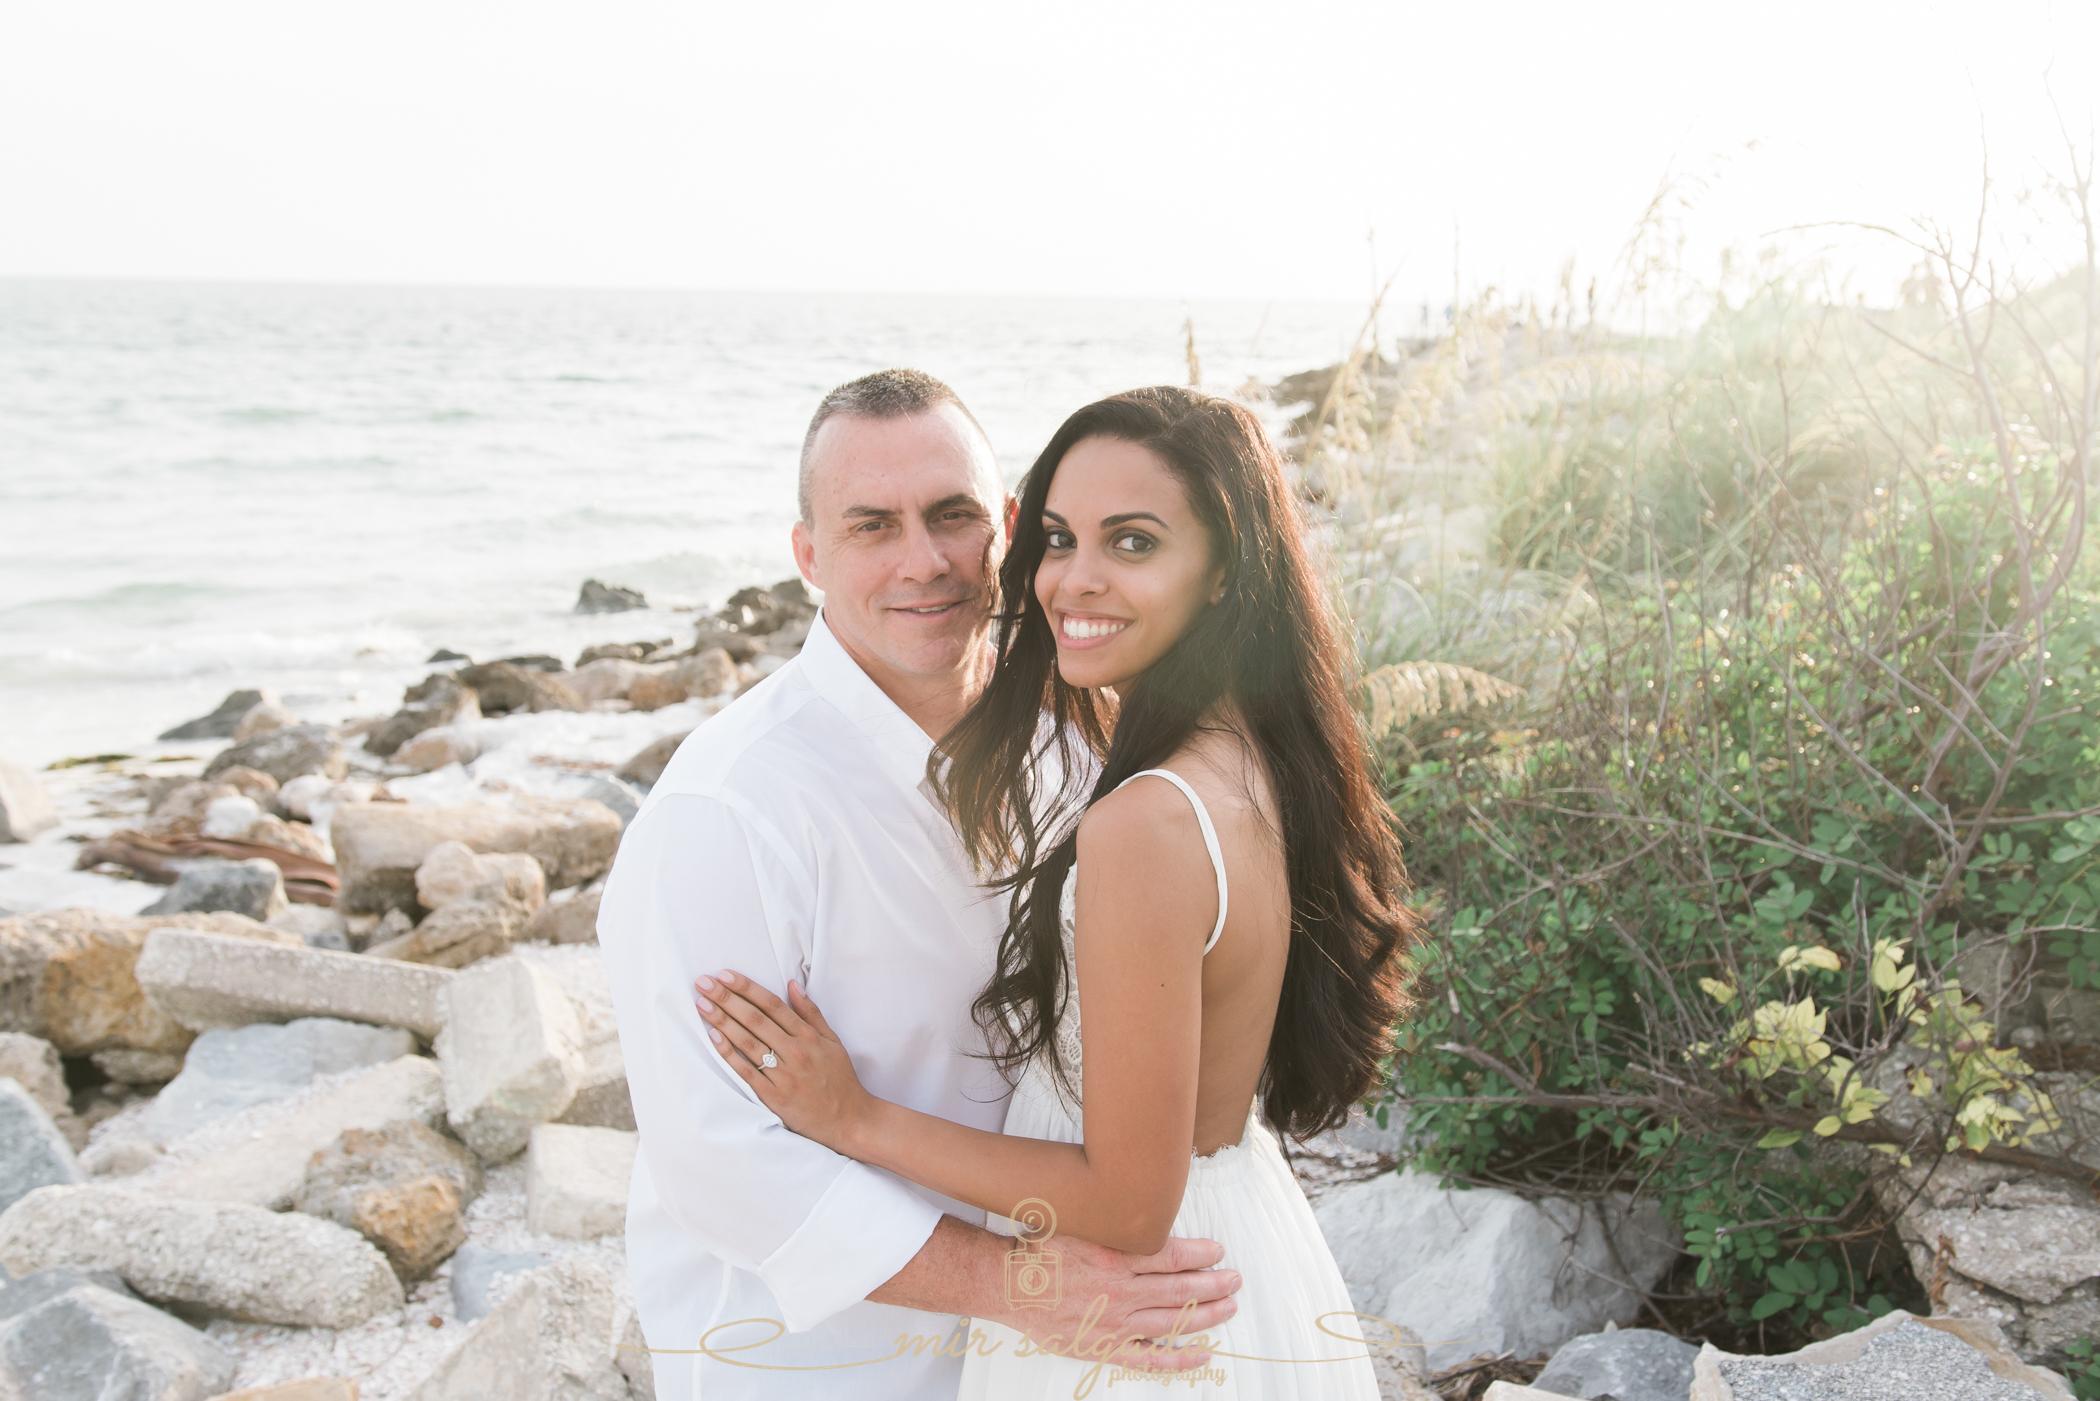 rocky-beach-engagement-photoshoot, tampa-beach-engagement-photographer, tampa-wedding-photographer